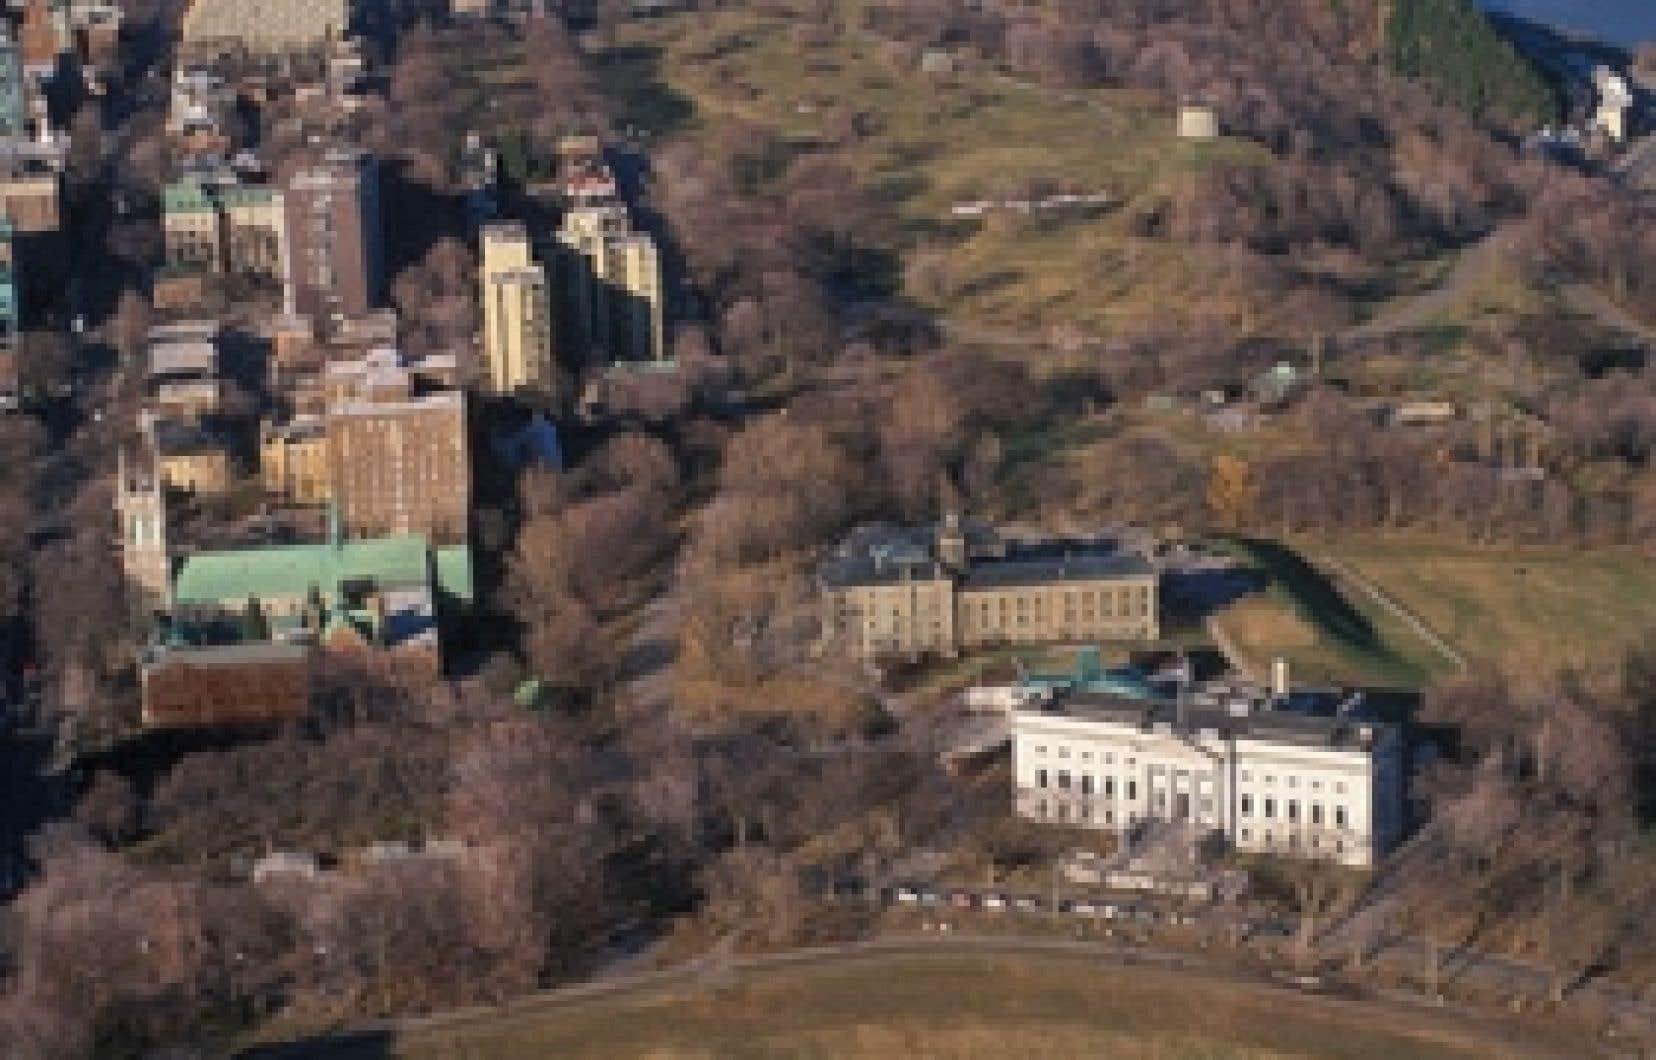 Le MNBAQ (les deux bâtiments à droite sur la photo) souhaite avoir un accès sur la Grande-Allée, ainsi, la destruction du monastère des moines dominicains, à gauche près de l'église, semble être le scénario privilégié par l'institution mu